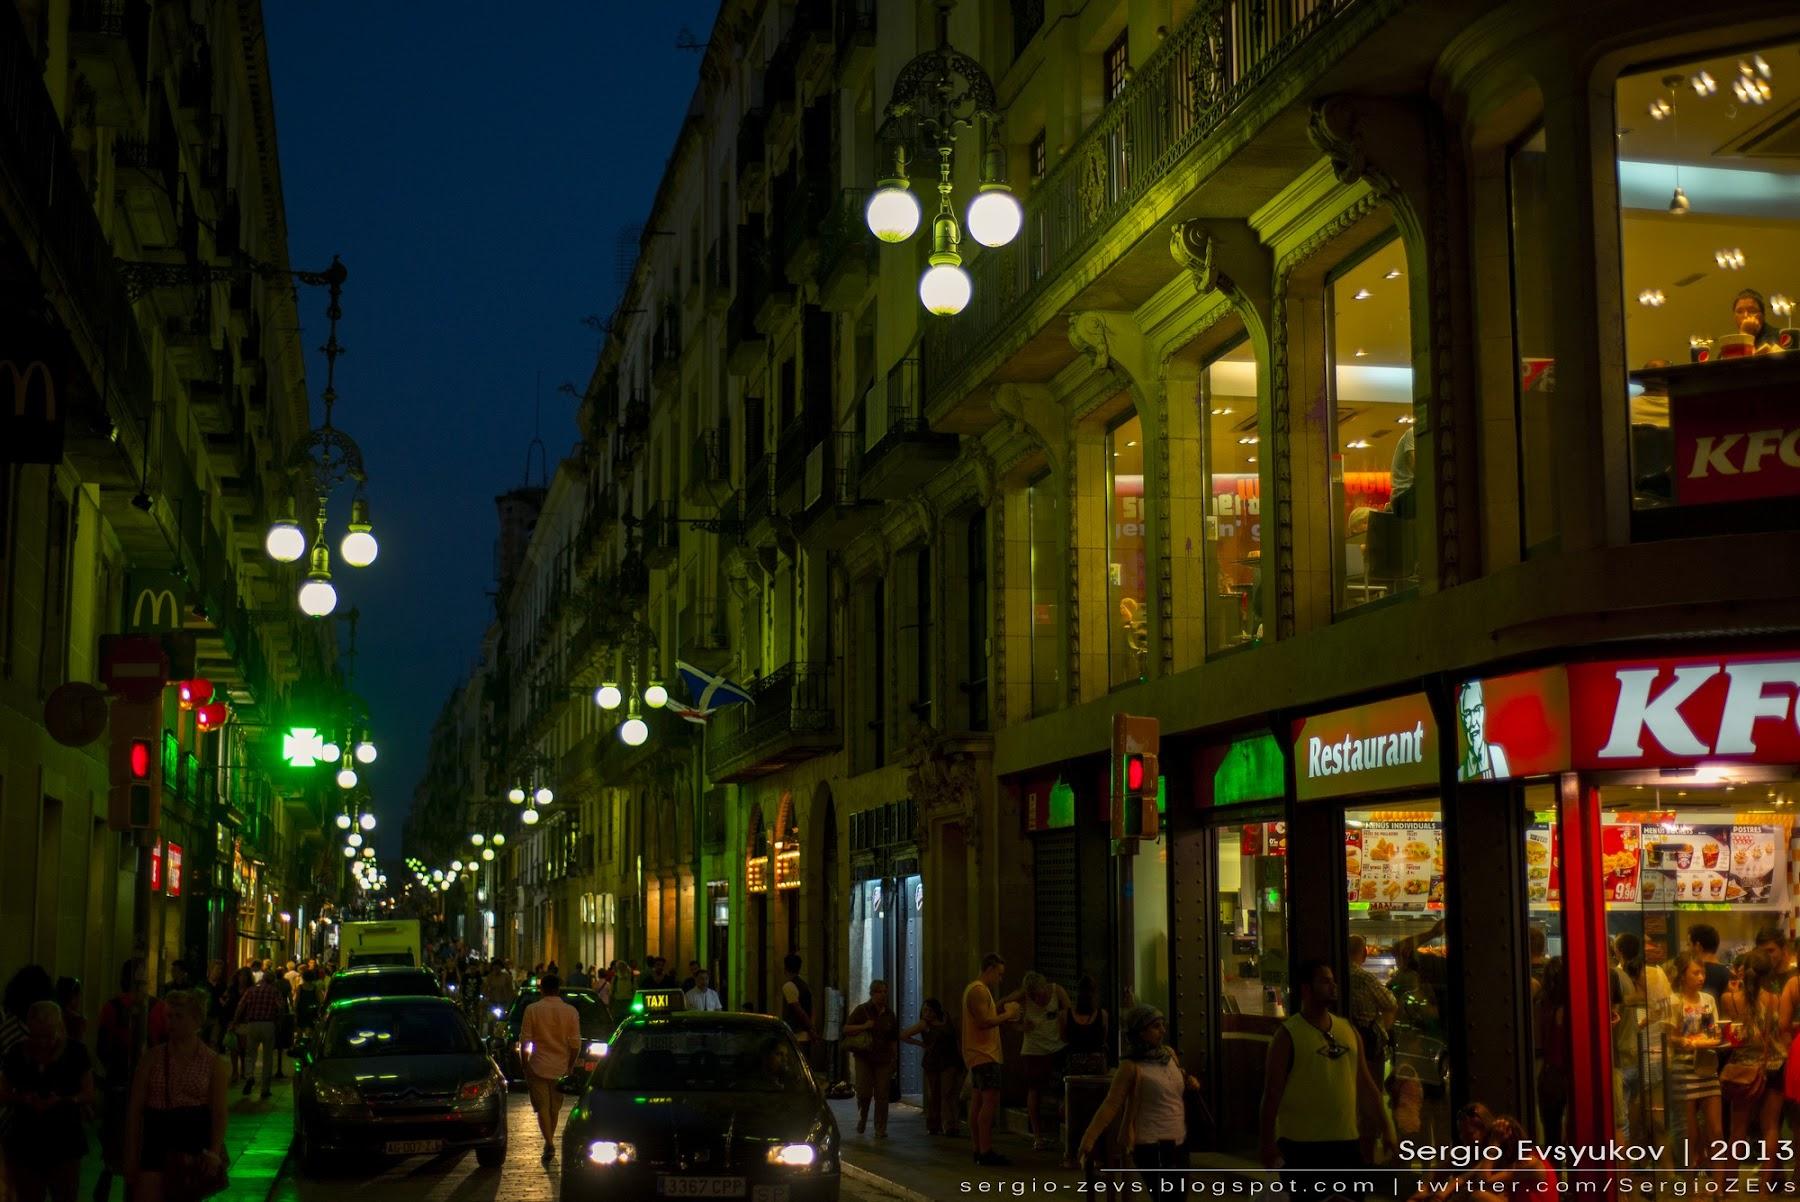 Barcelona's heart at night